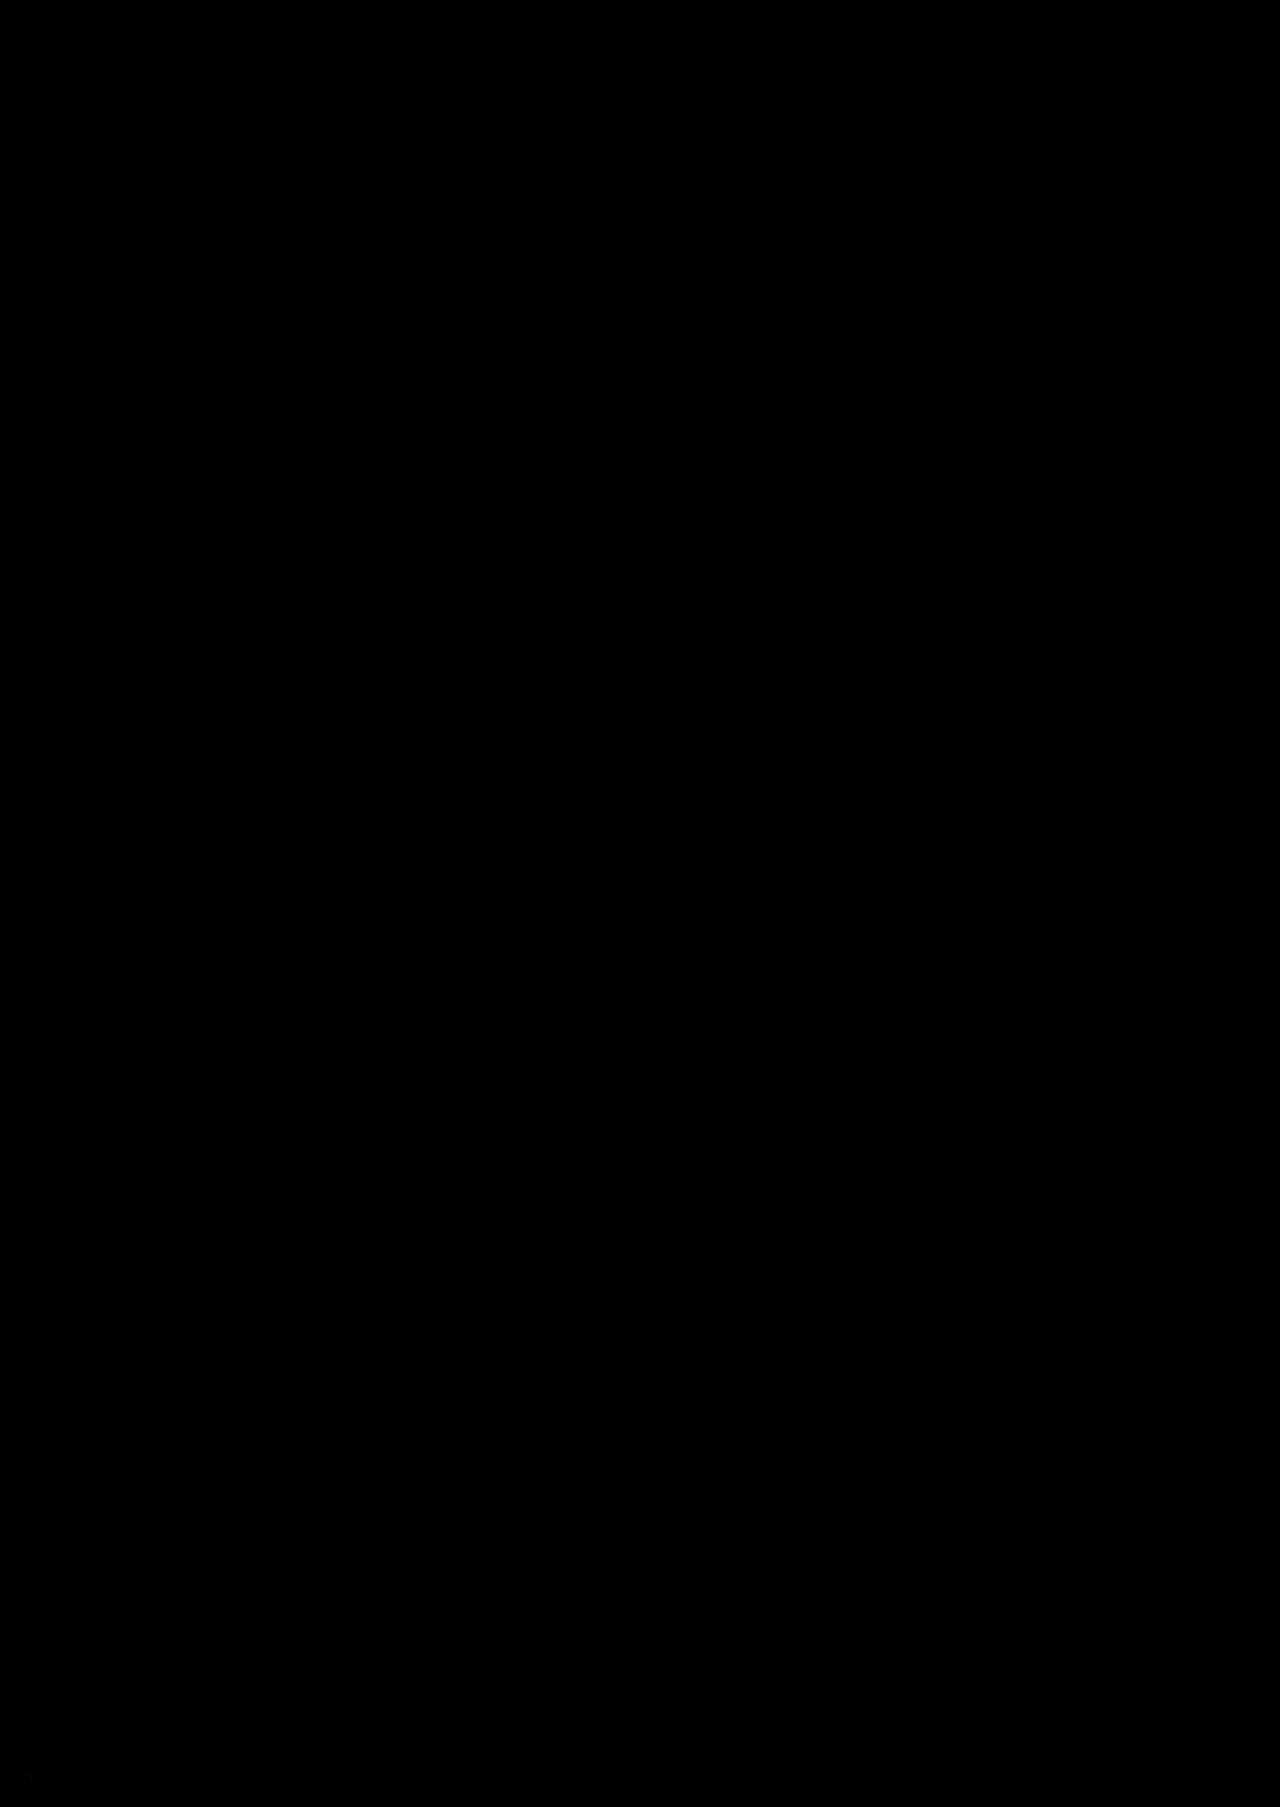 [Eromazun (Ma-kurou)] Kochou Shinobu Kan ~Neteiru Aida ni Ossan Oni ni Okasareru~ - RAPE OF DEMON SLAYER 2 (Kimetsu no Yaiba) [Chinese] [这很恶堕汉化组] [Digital] 2